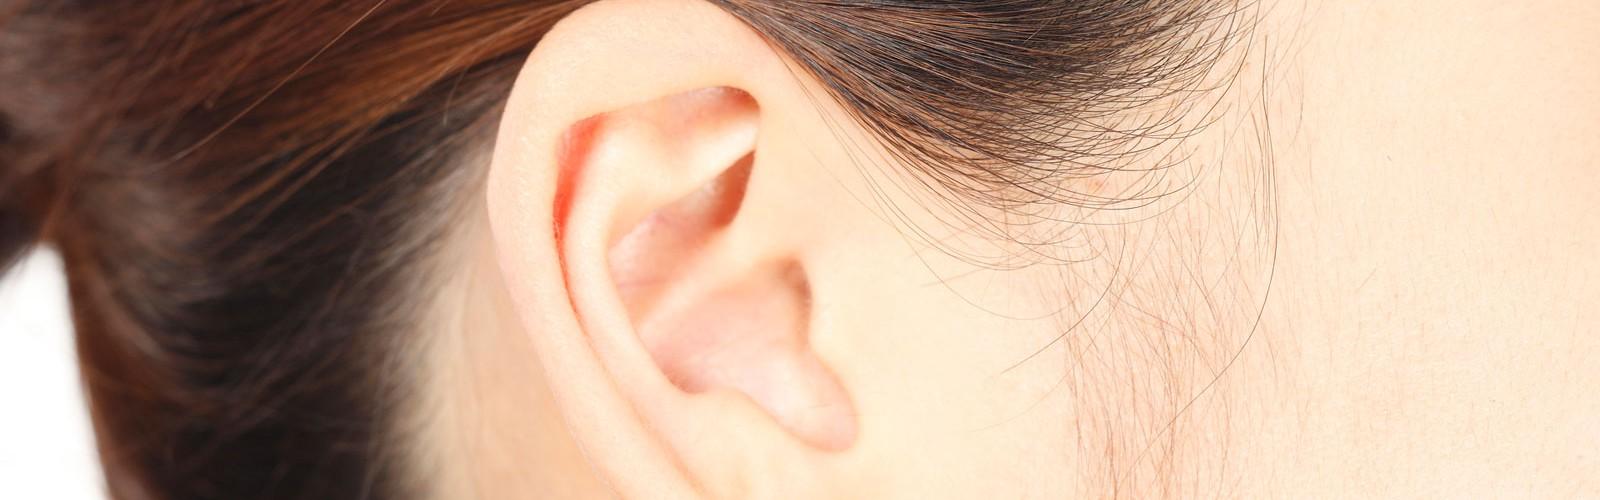 耳針療法 ~塚見式耳針療法のご紹介~